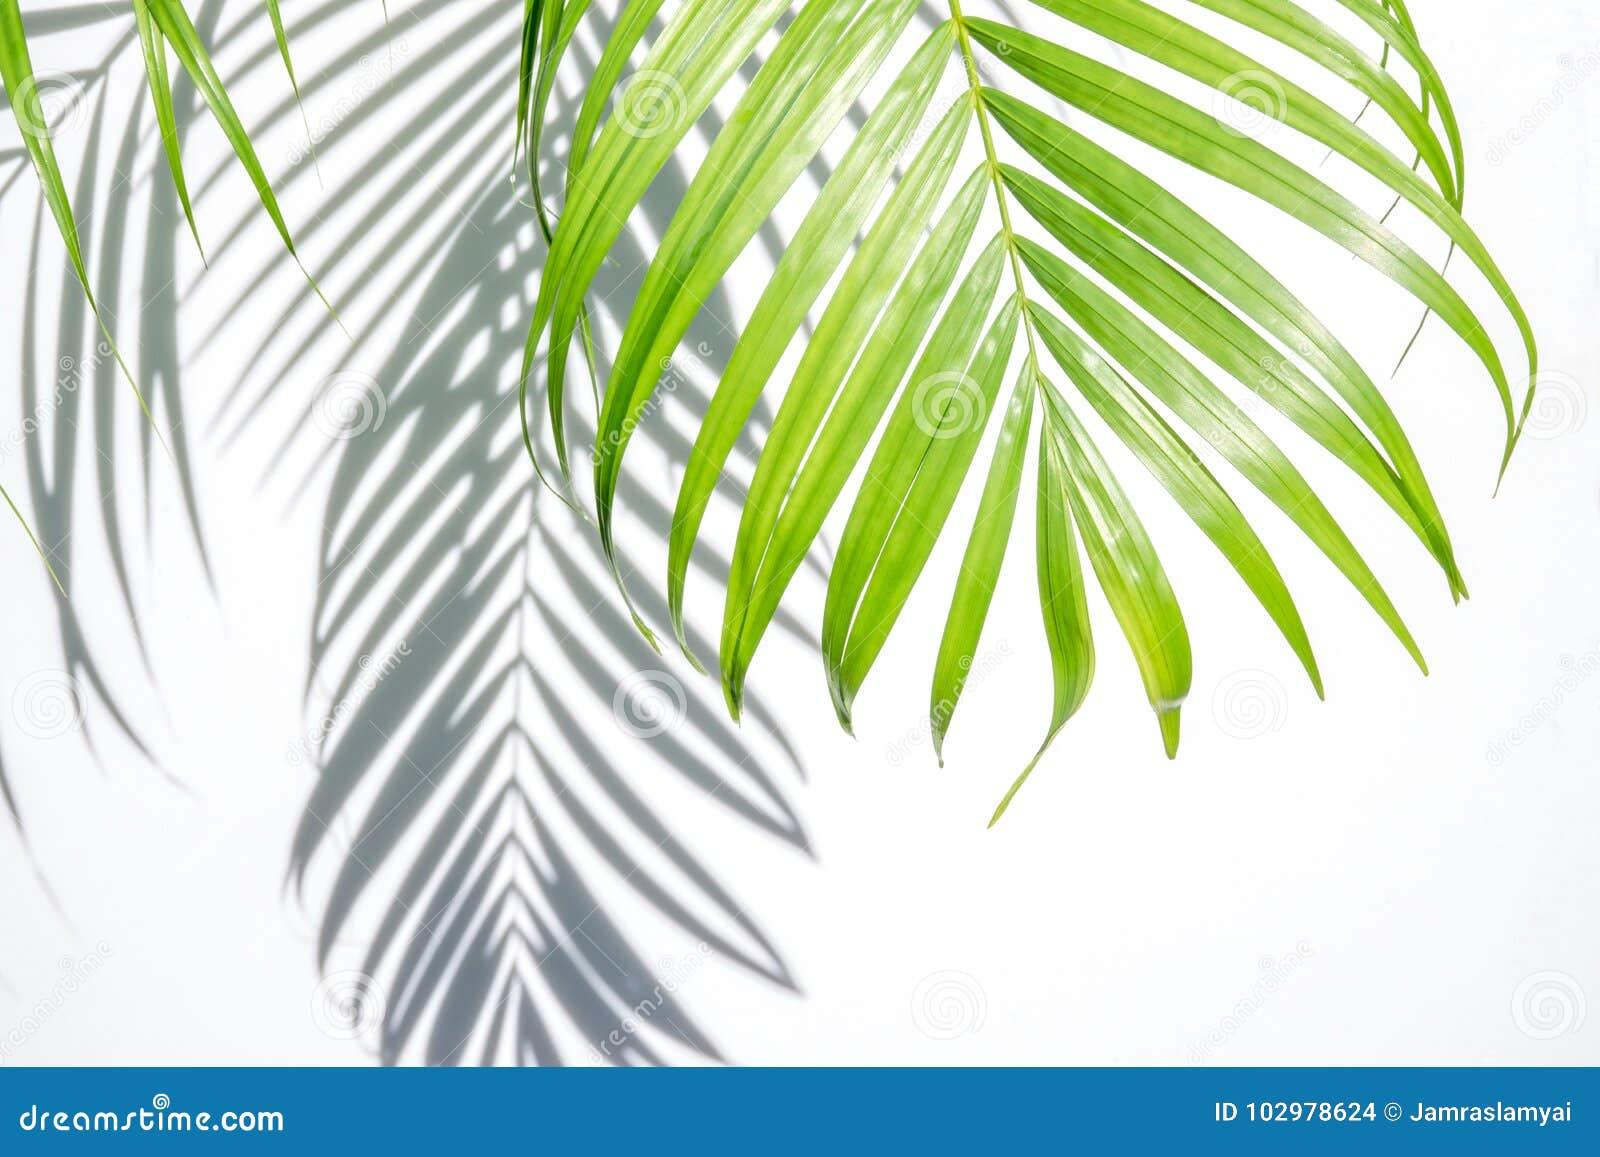 Grön palmblad och skugga på en vit bakgrund